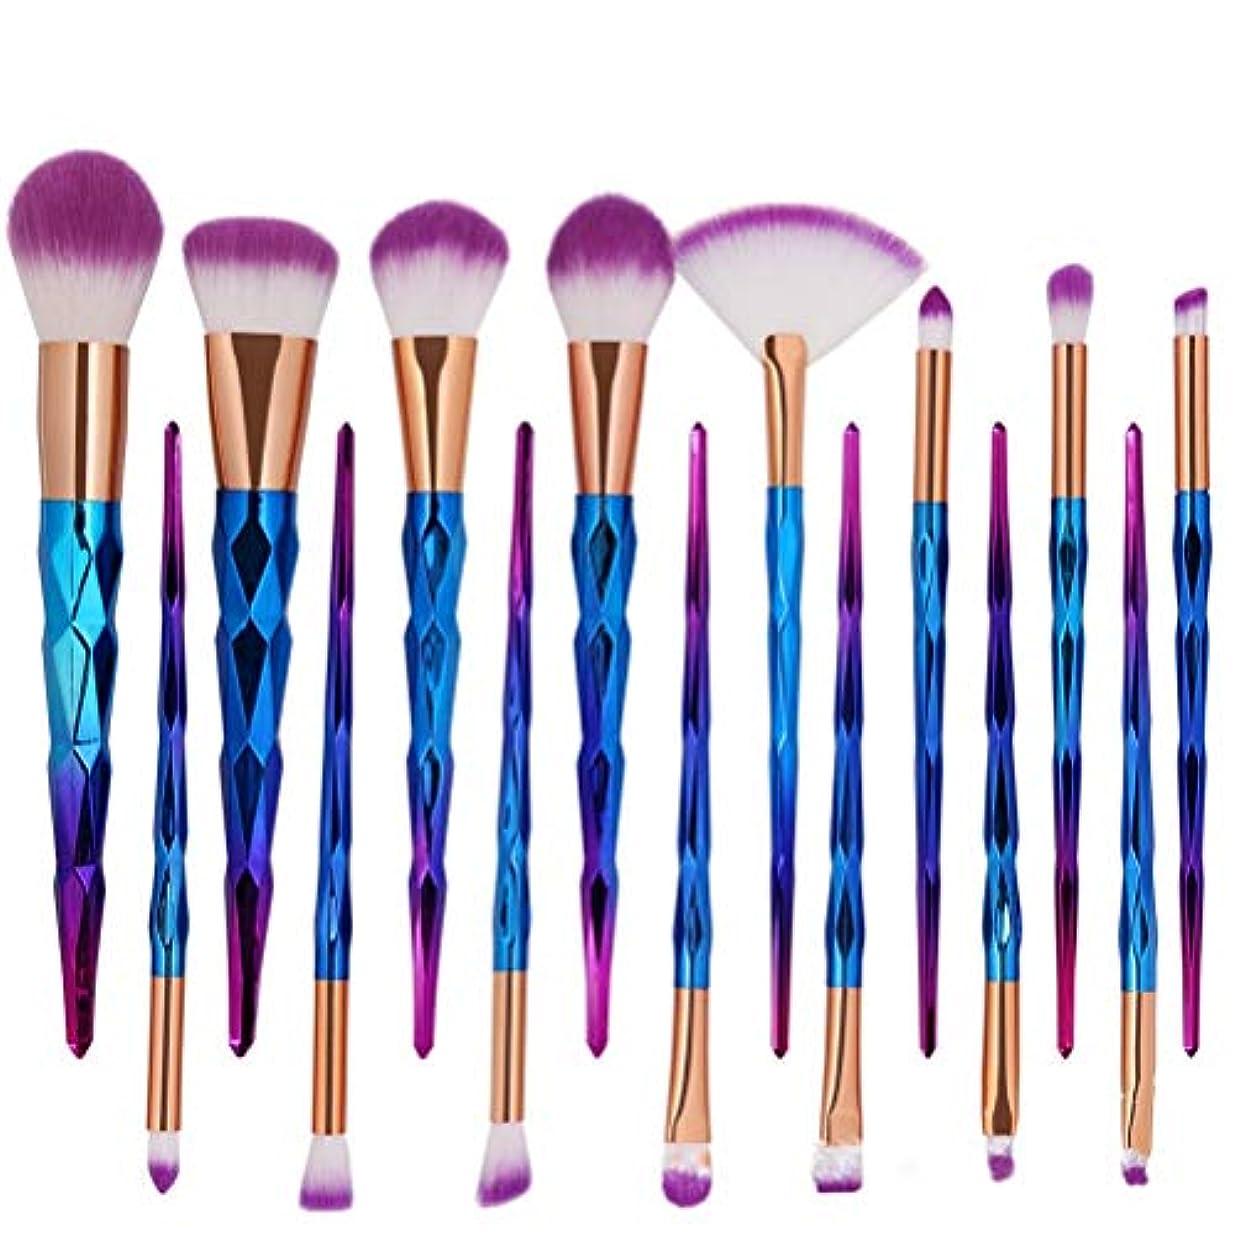 口影分子LSHJP 化粧ブラシ 15個 不規則な 個性的 柔らか 安心 便利 ファッション 自然 ビューティー 高品質 高品質 (Color : Purple, Size : ワンサイズ)